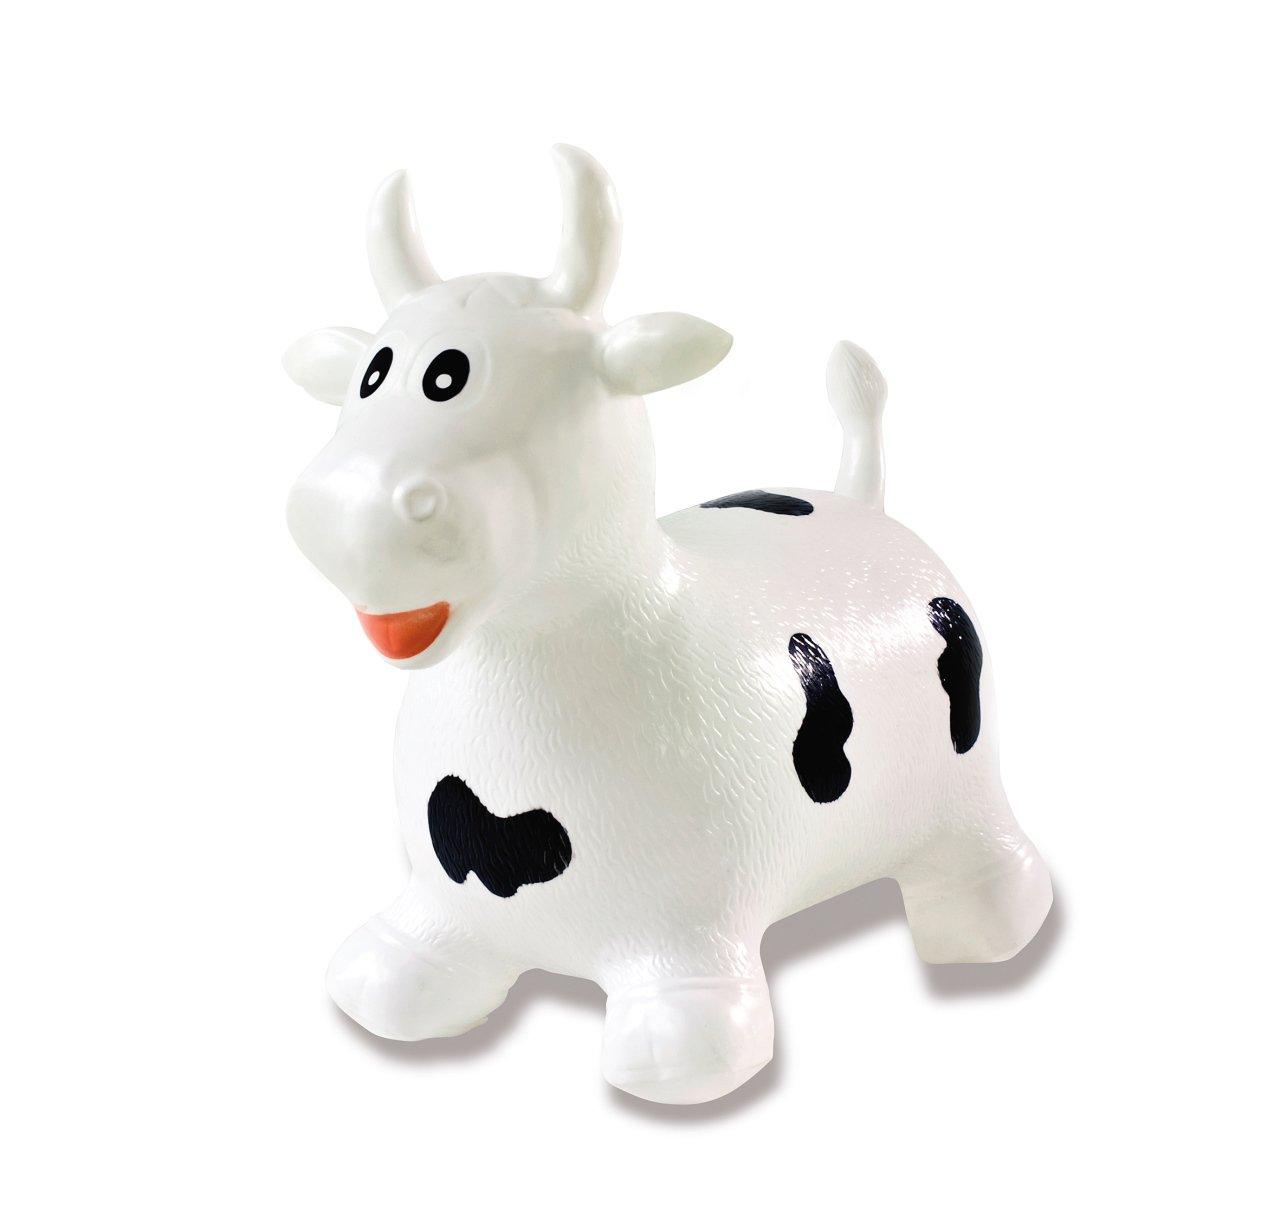 Jamara 460318 - Toro animal saltarín blanco/negro con bomba - Orejas como soporte